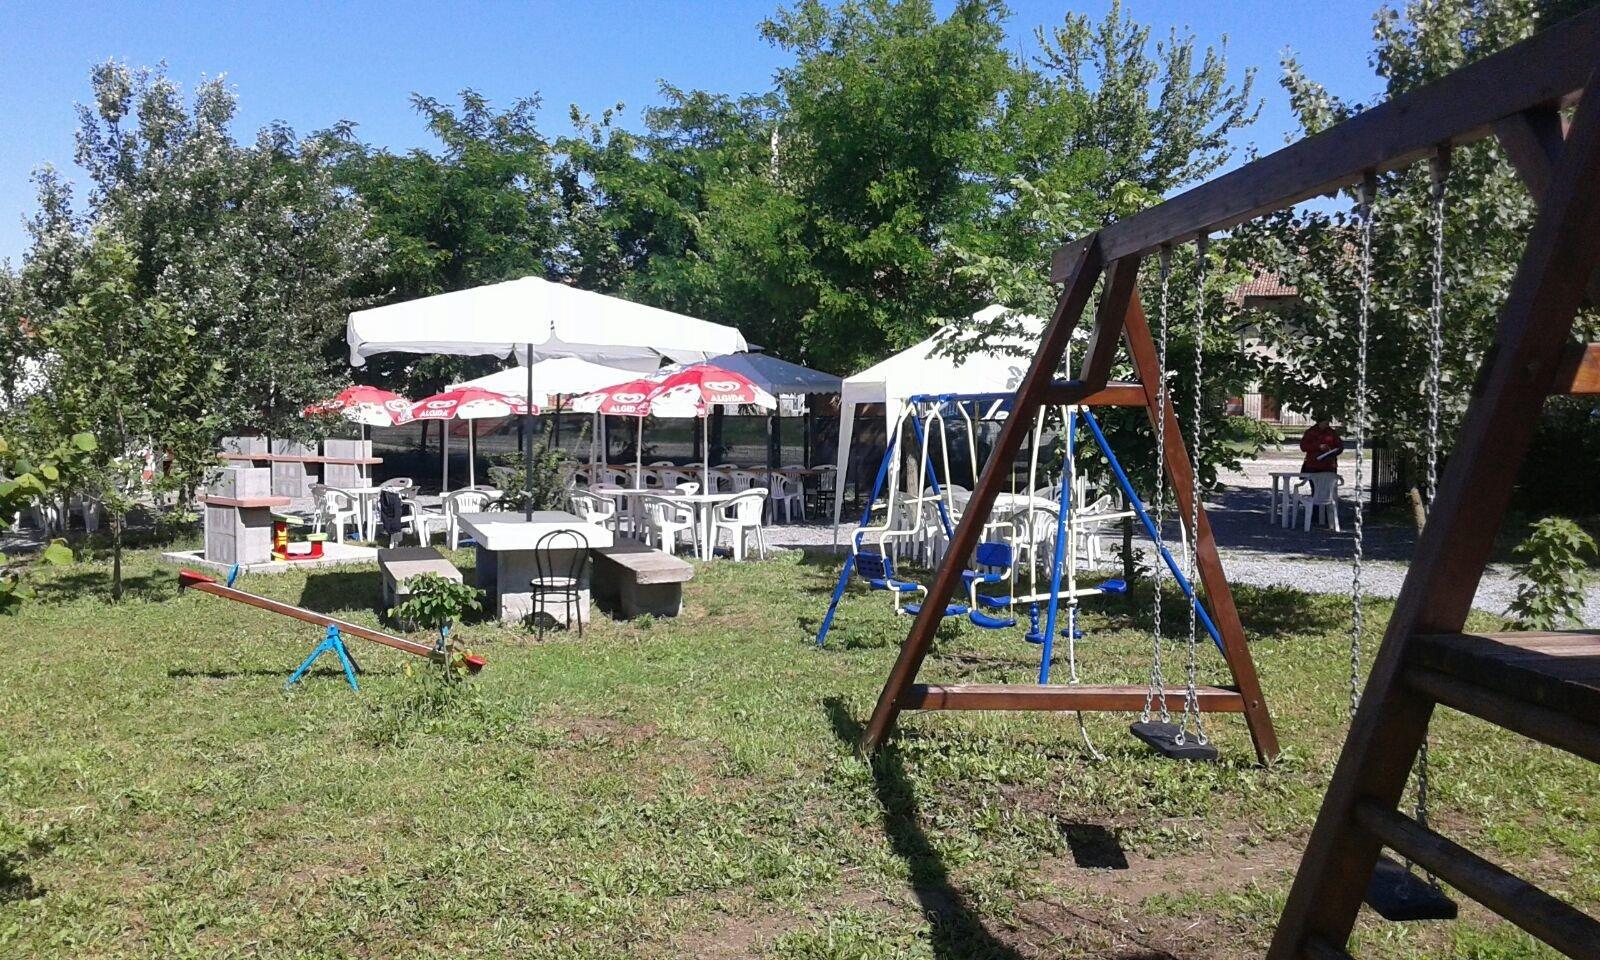 spazio giochi per bambini in un parco